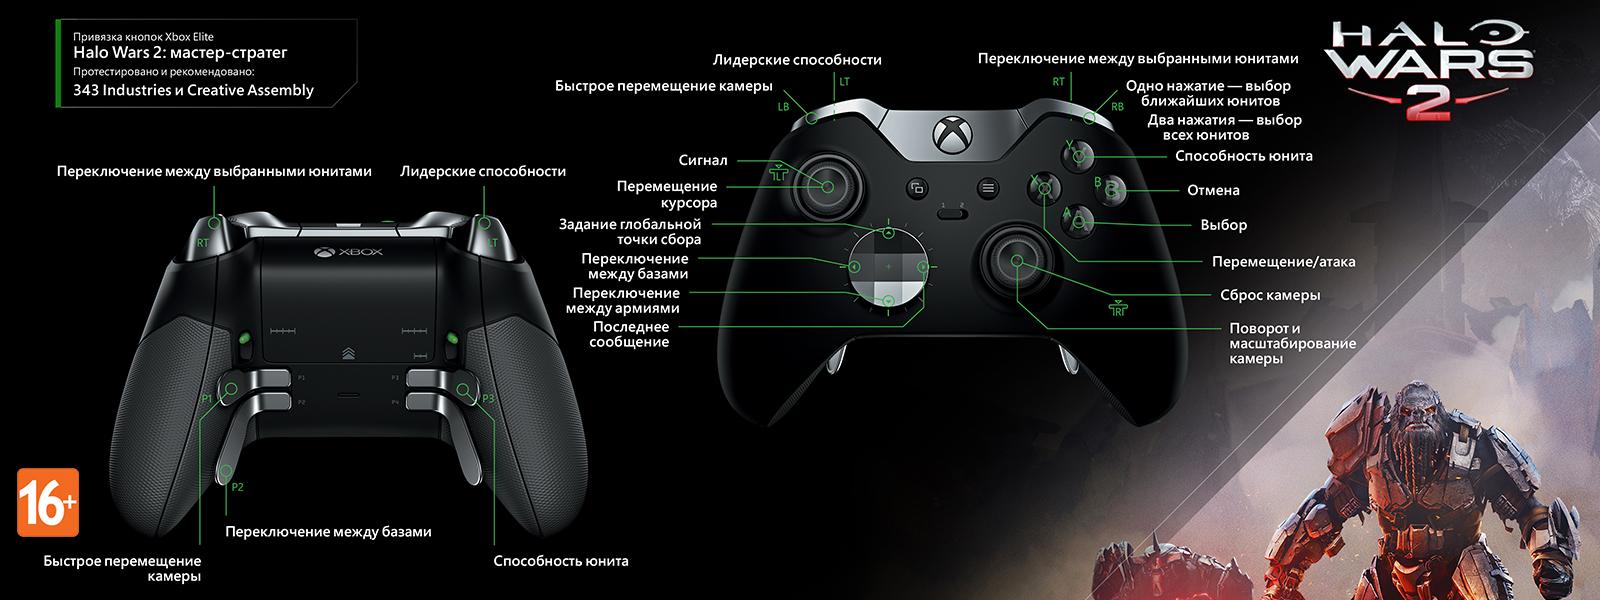 Halo Wars 2 — раскладка для мастеров стратегии